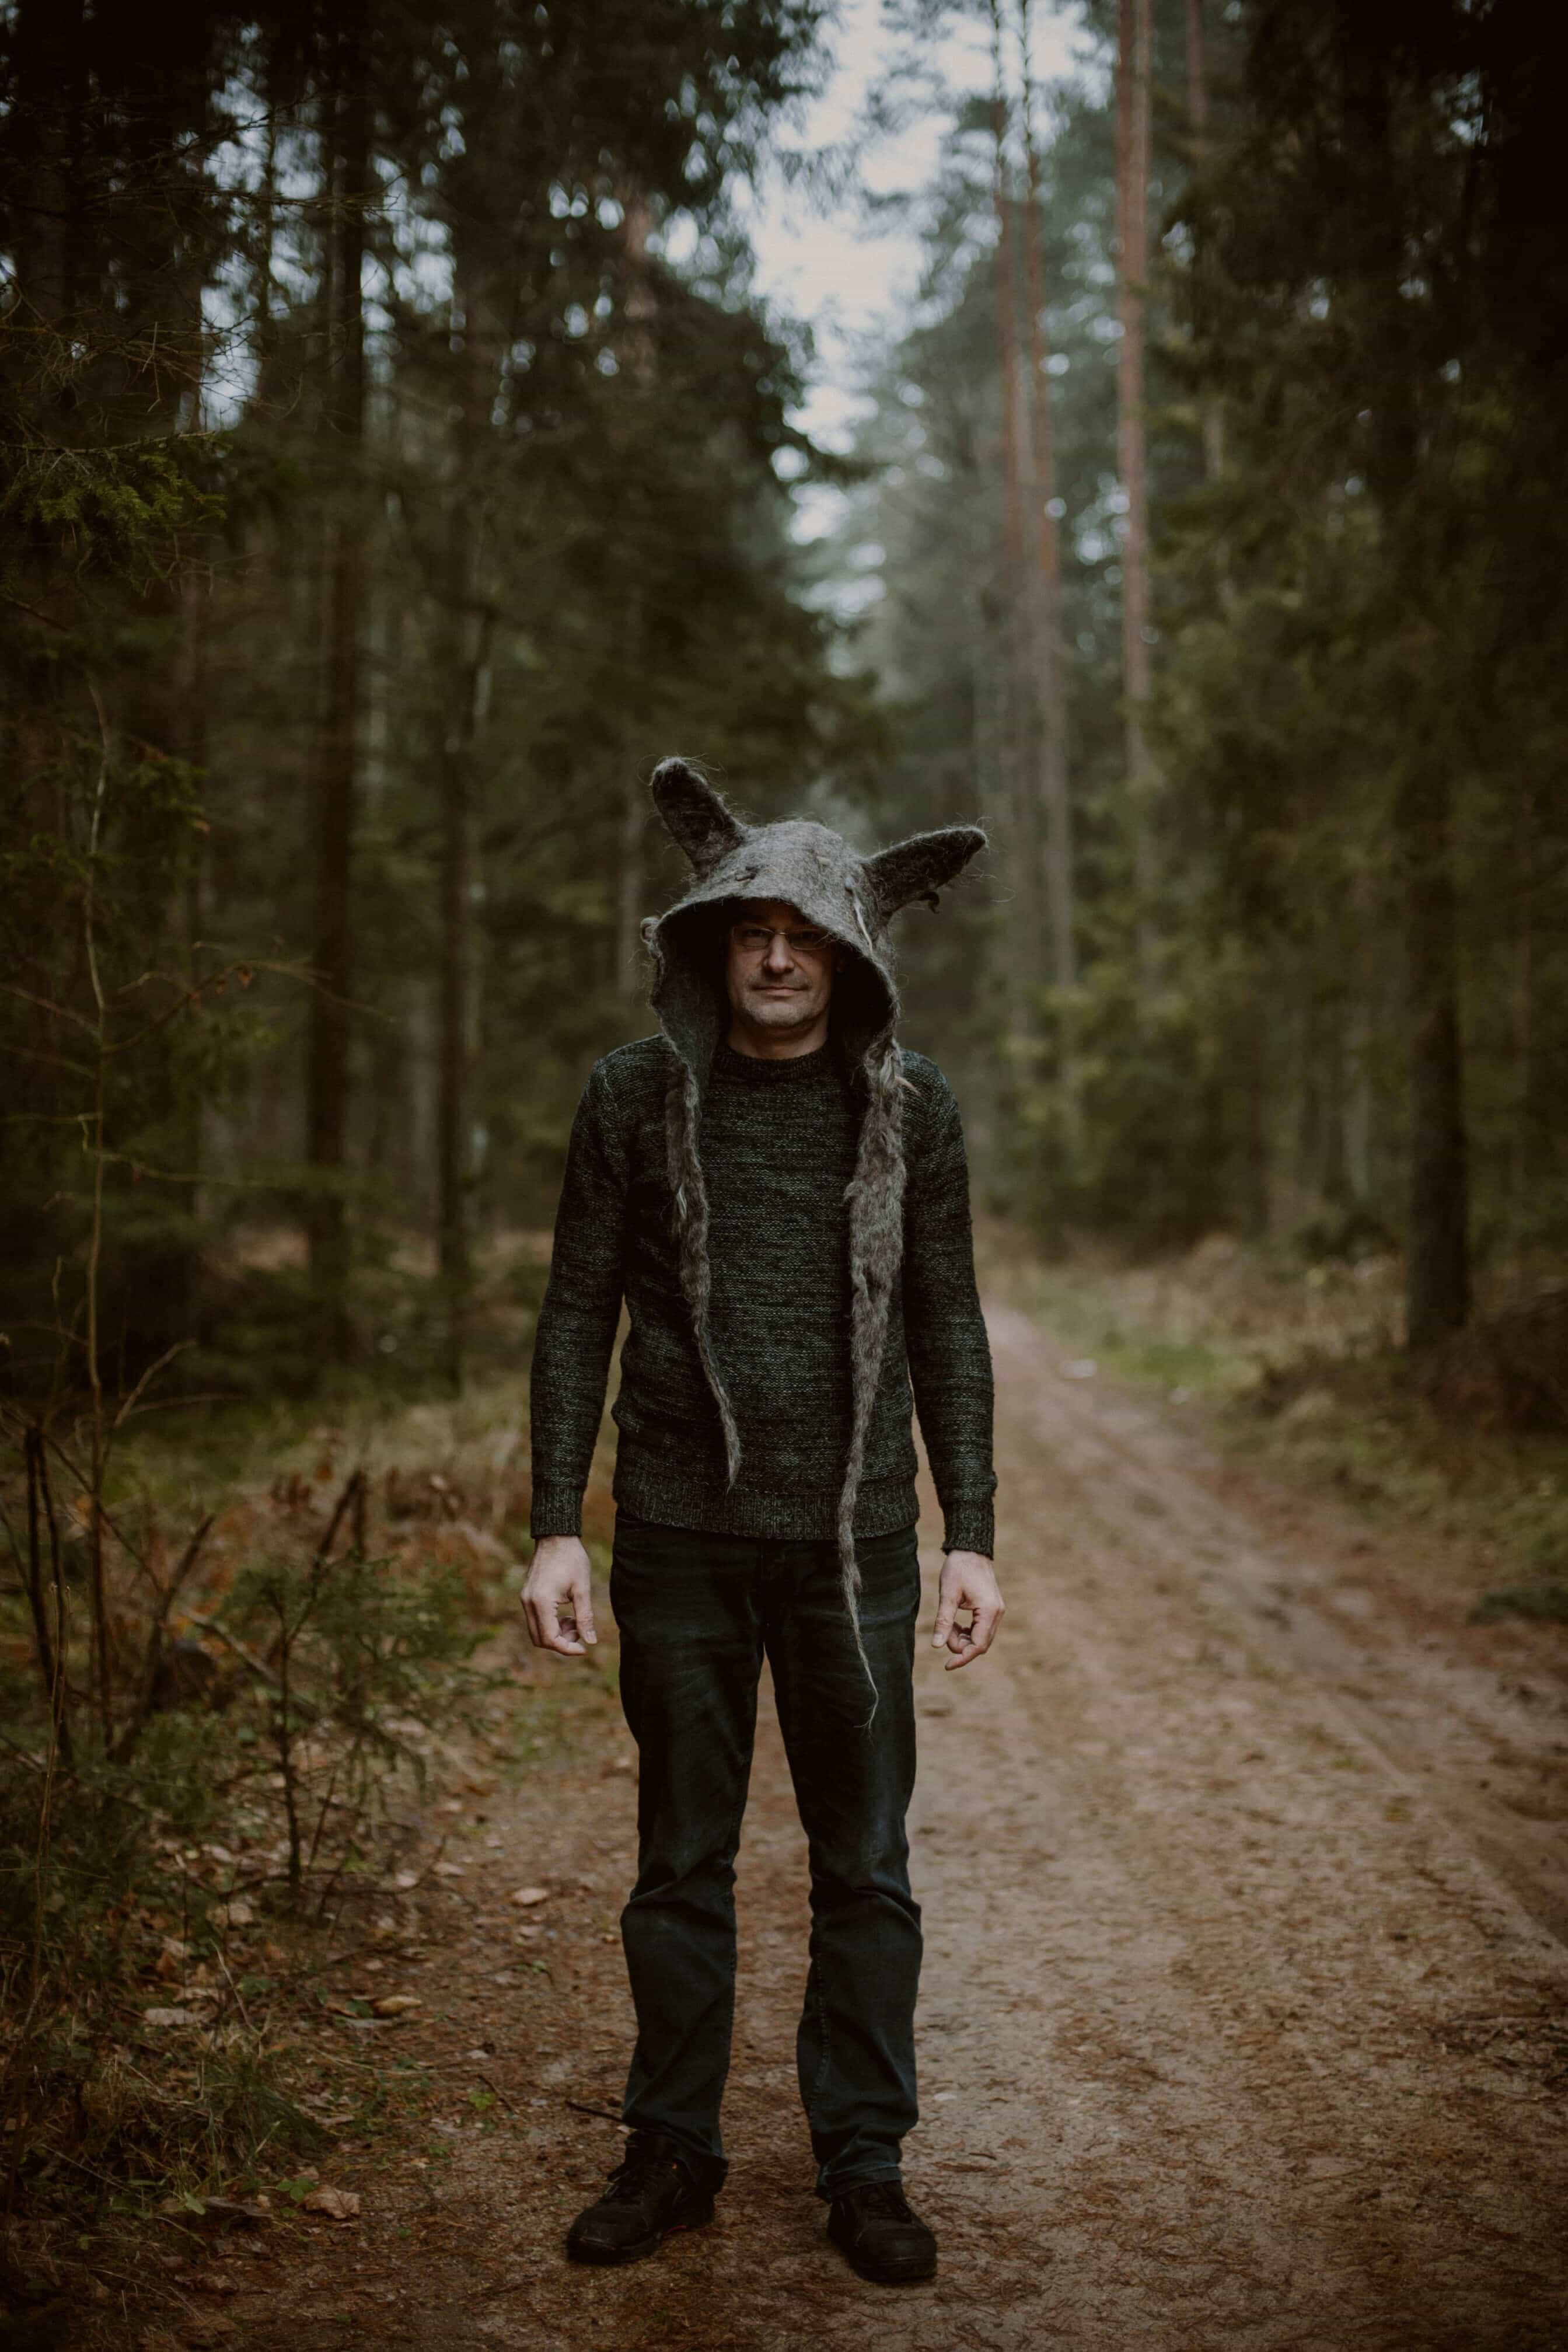 chłop w kapturze wilka w lesie